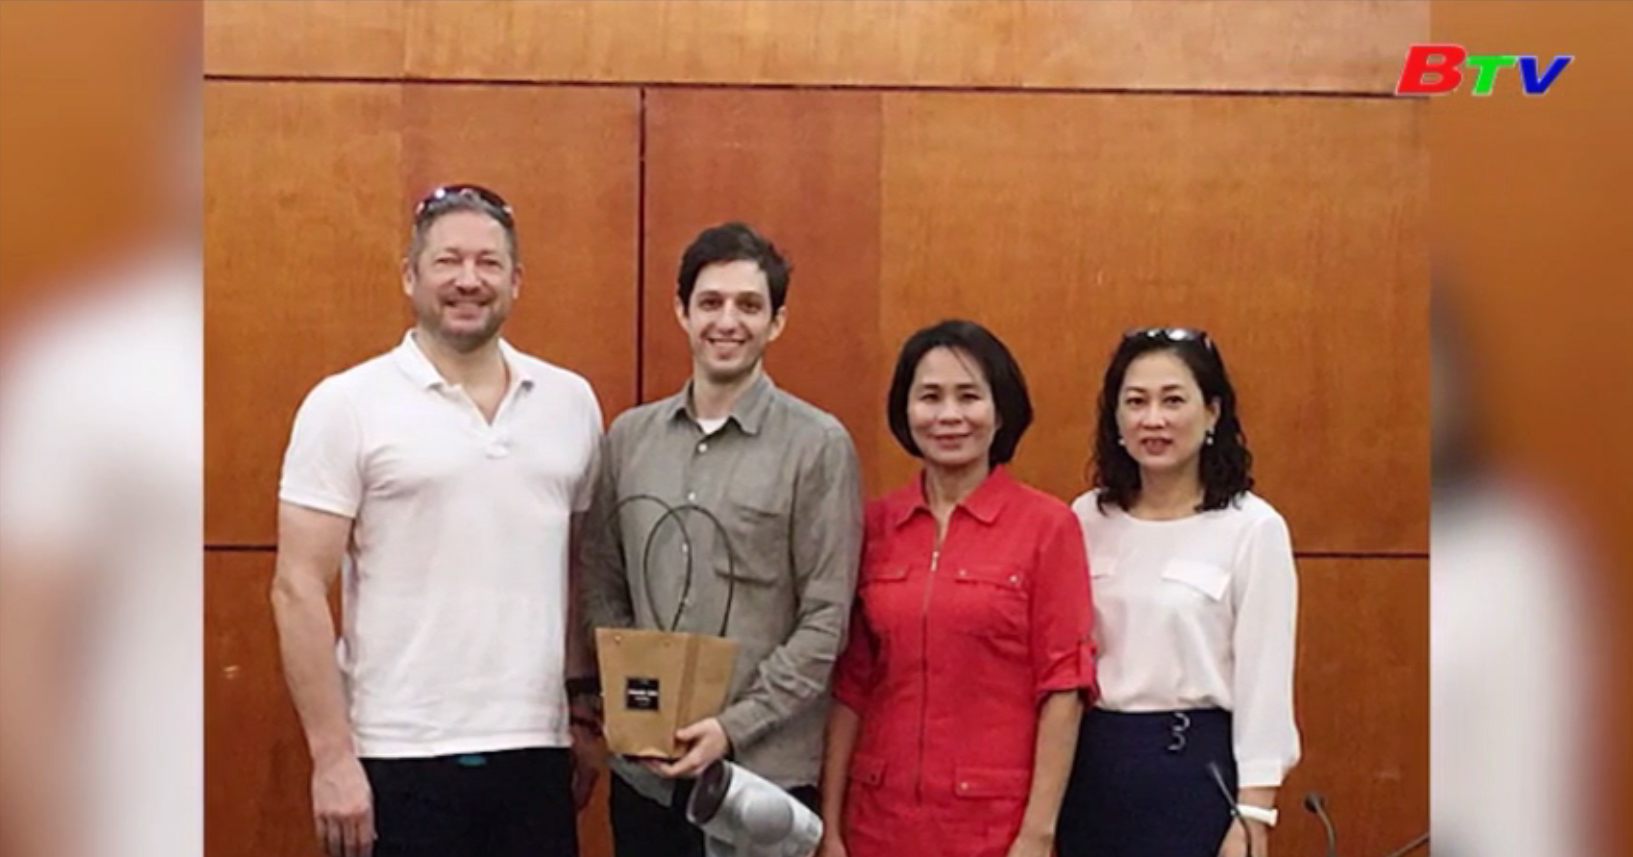 UNESCO mong muốn đưa vận động viên quốc tế sang tập huấn tại Việt Nam